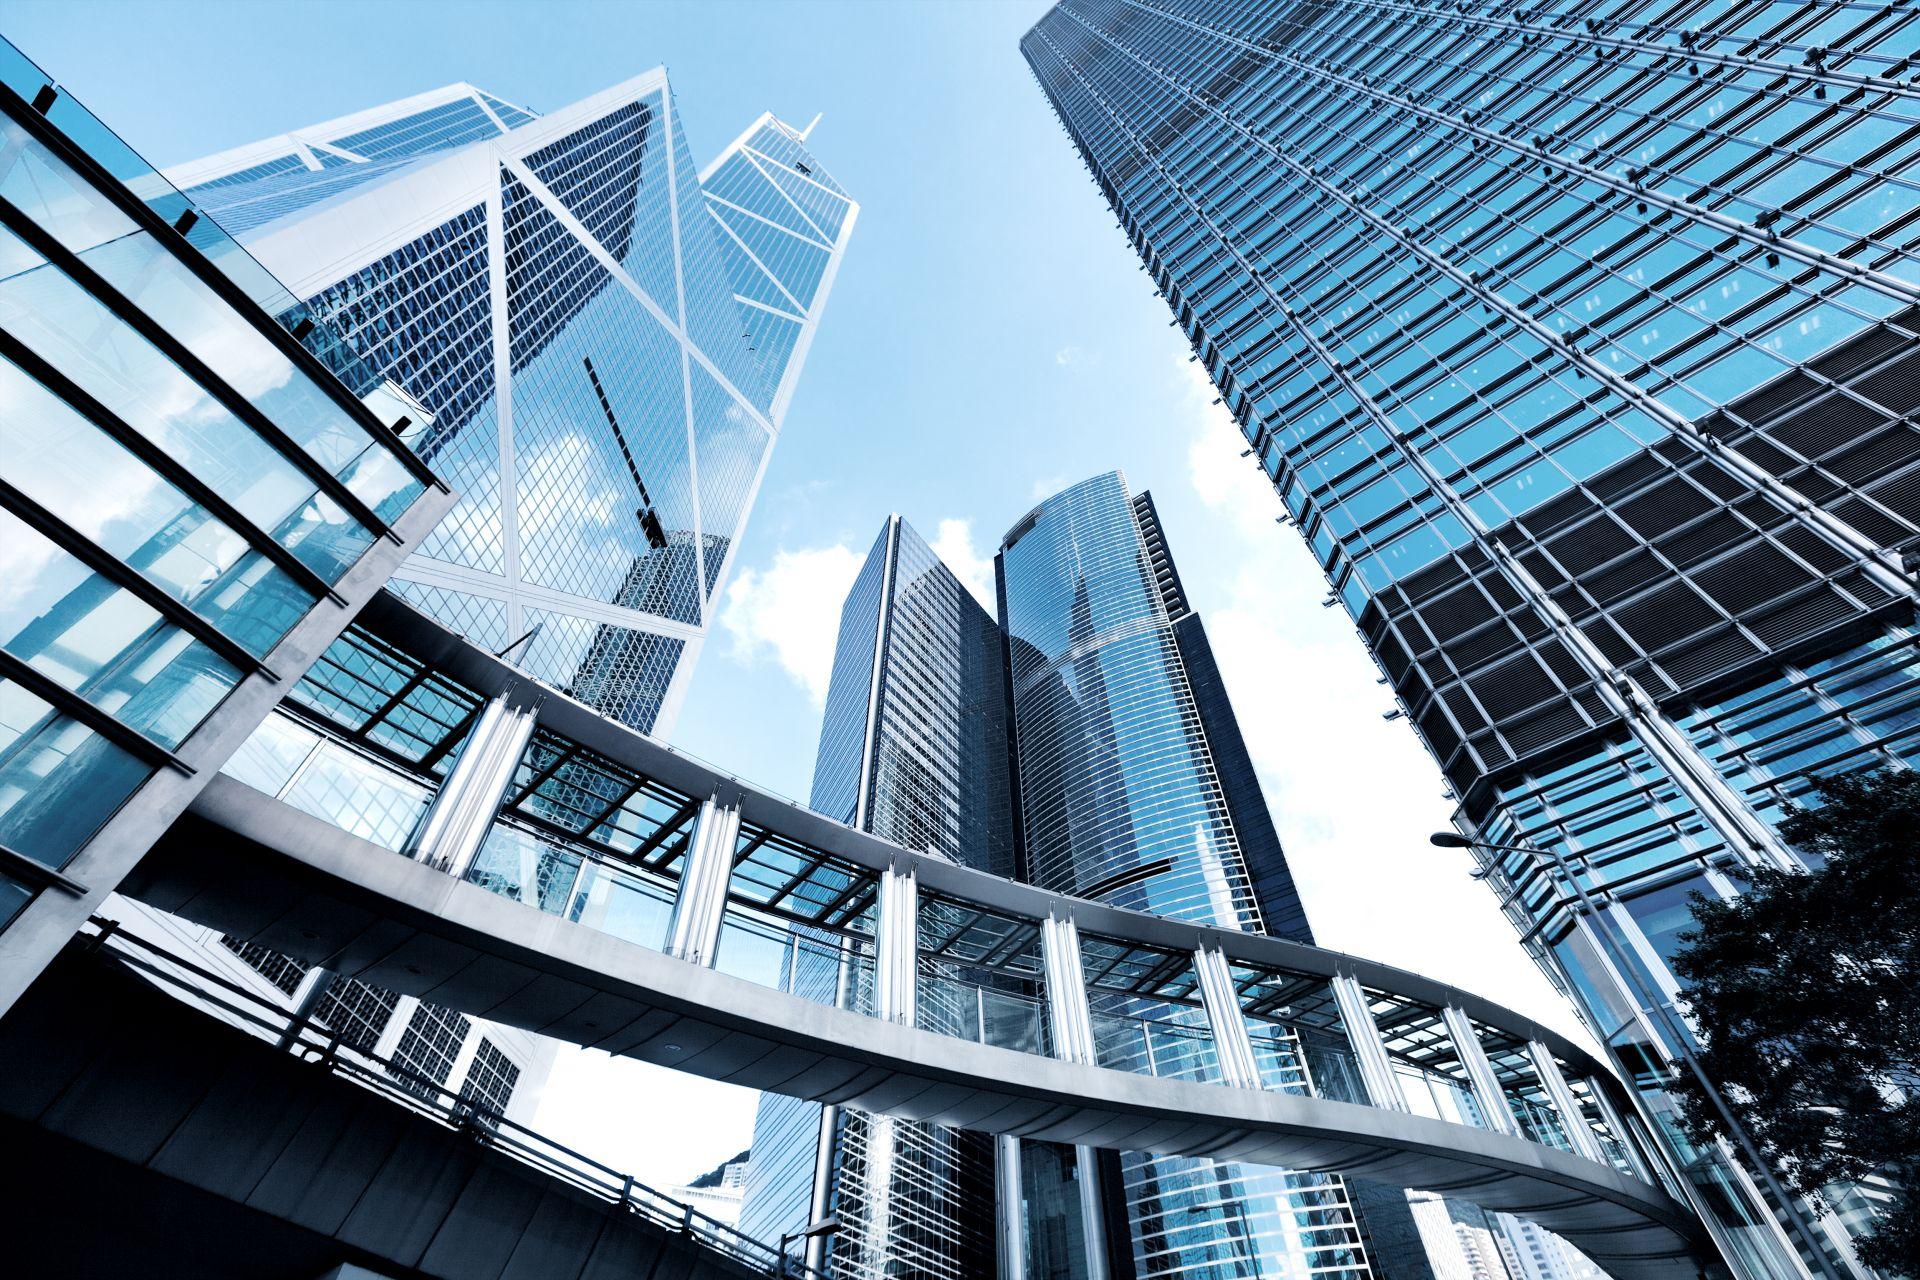 Banche: task force al via per rinegoziare le rate di rimborso dei crediti